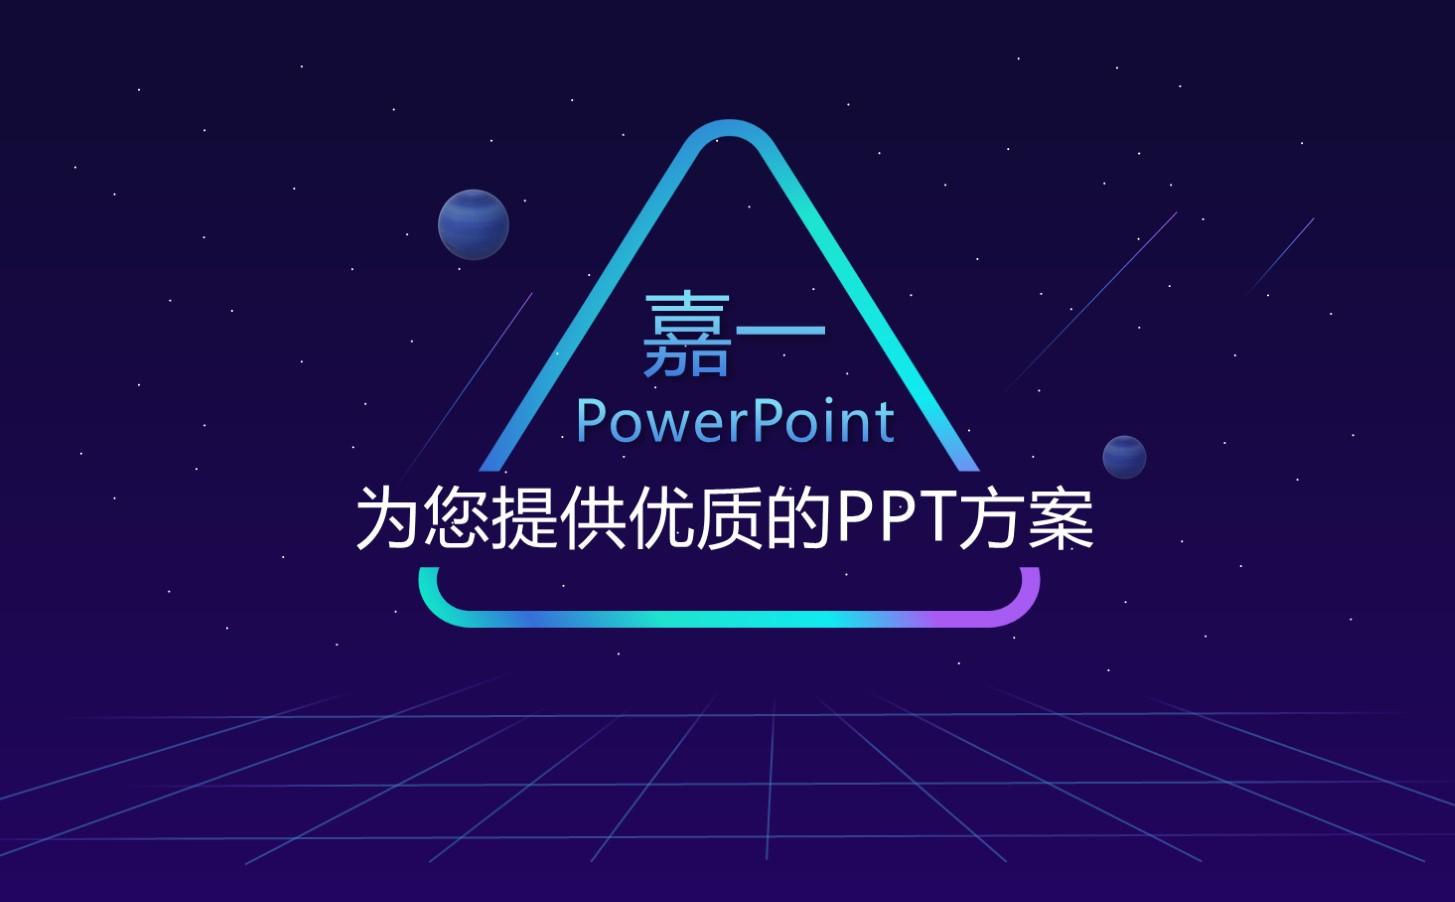 安徽滁州市PPT代做-專業ppt設計10年經驗-歡迎咨詢